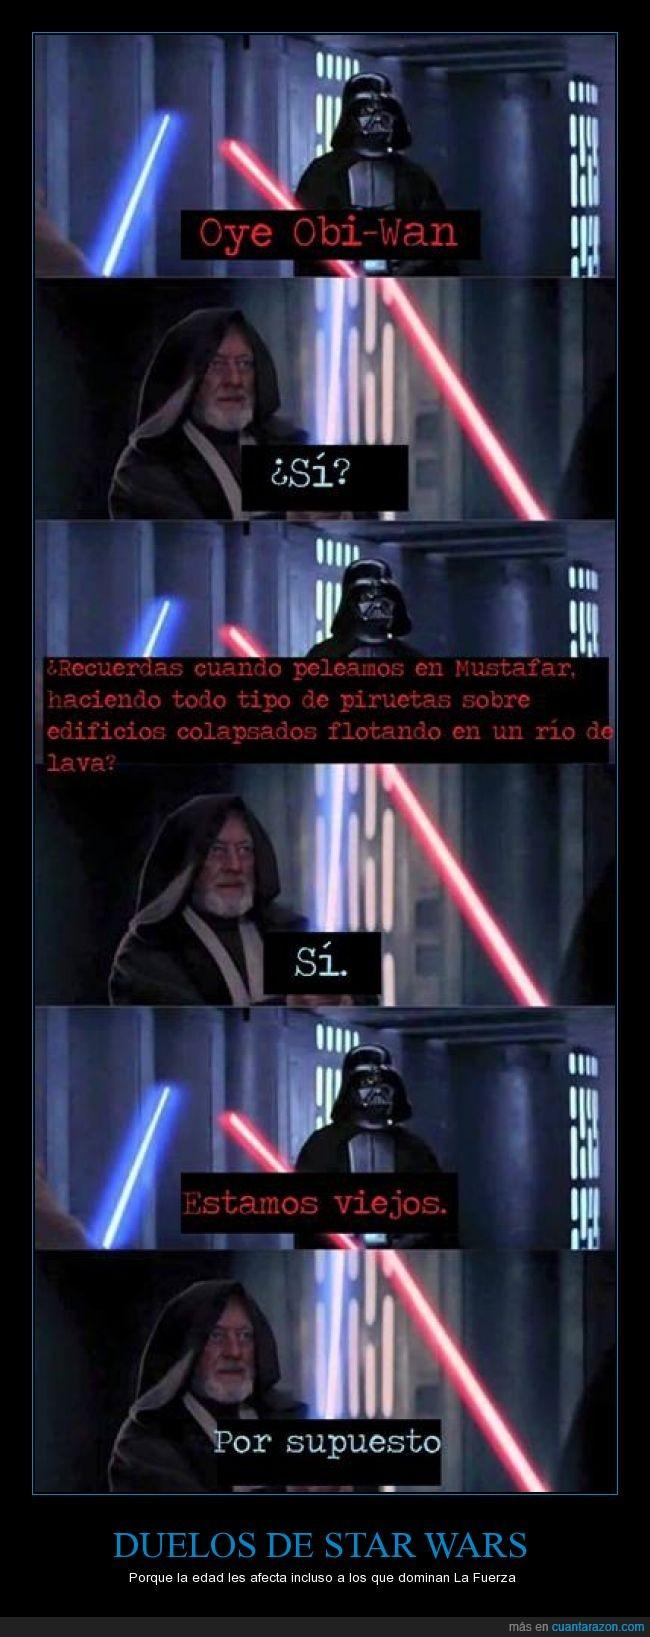 combate con sables,Darth Vader,edad,efectos,lightsaber,Obi Wan Kenobi,Star Wars,viejo